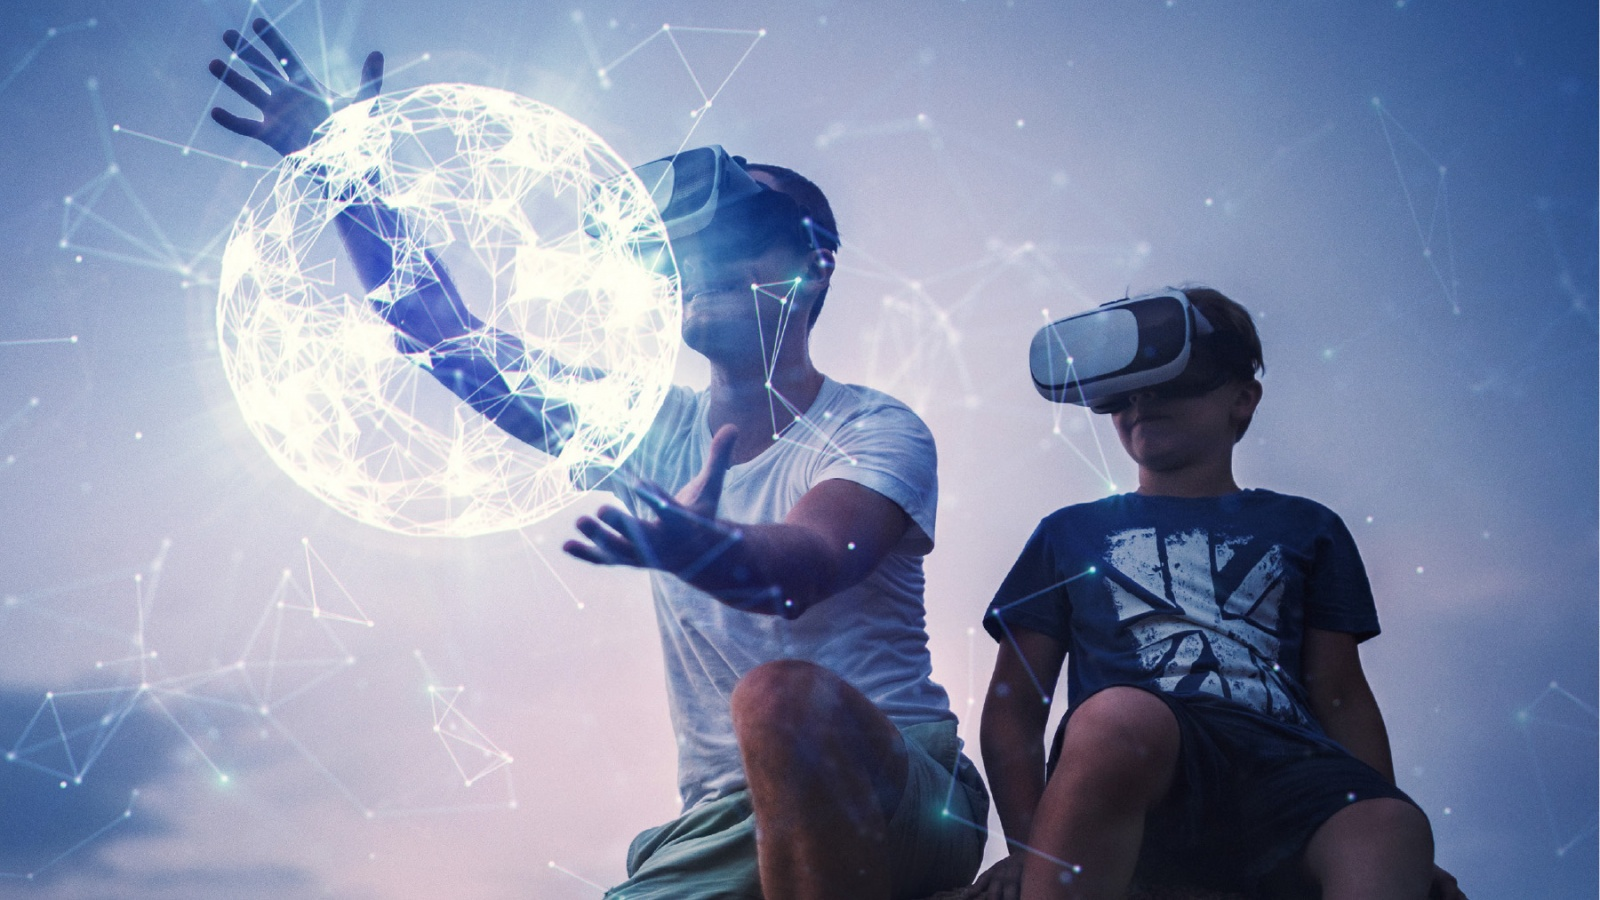 Будущее технологий: AR-VR в проектировании и дизайне - 1